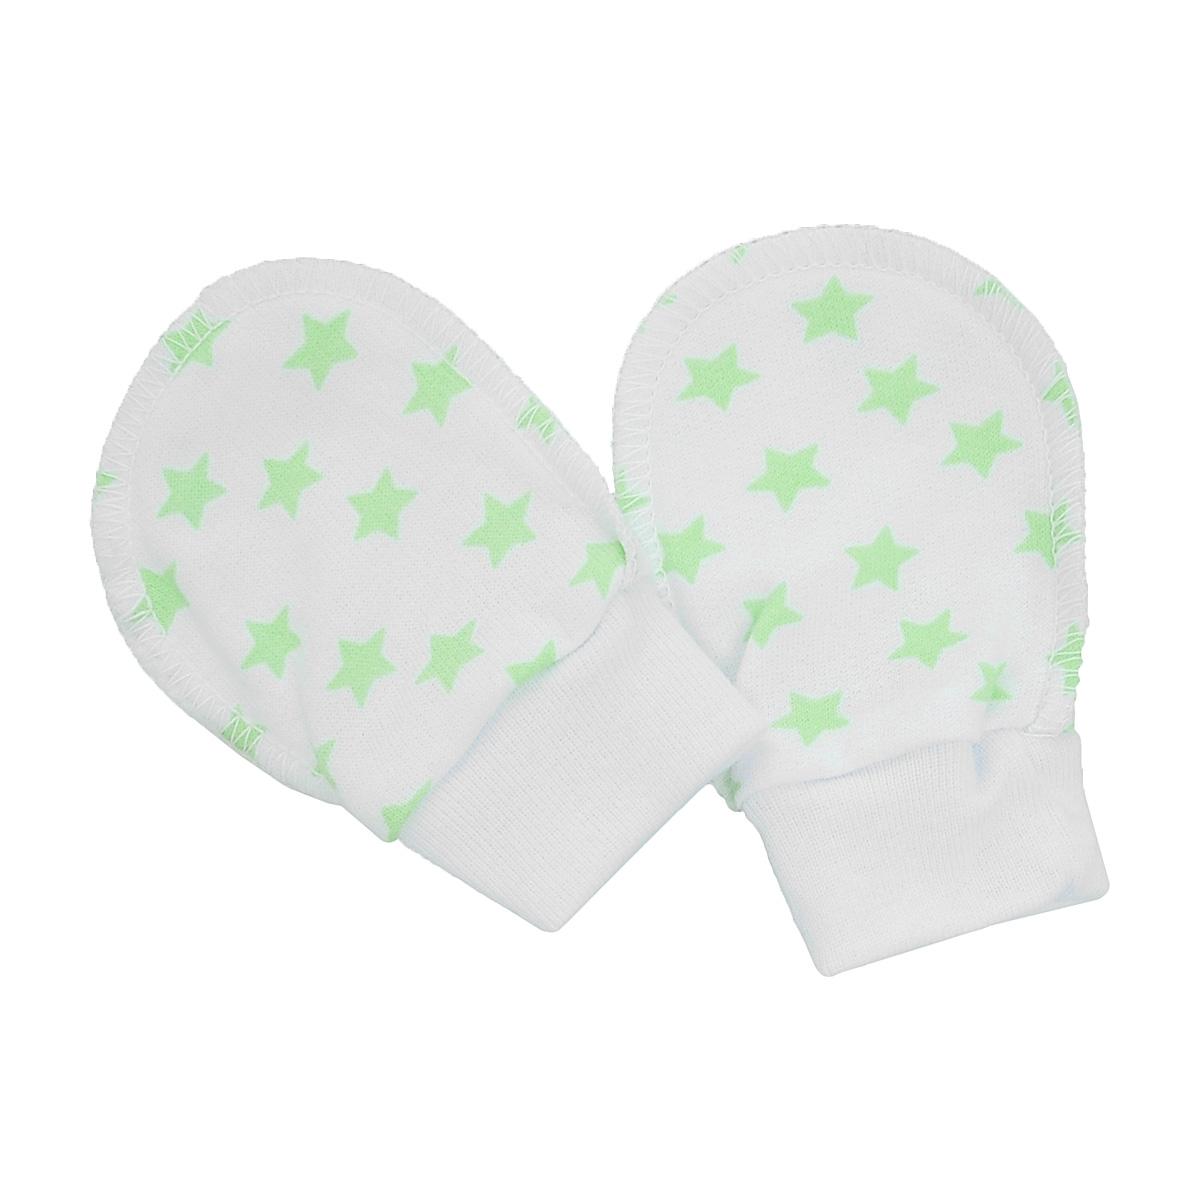 5907Теплые рукавички для новорожденного Трон-плюс обеспечат вашему младенцу комфорт во время сна и бодрствования, предохраняя его нежную кожу от расцарапывания. Широкие эластичные манжеты не будут пережимать ручку. Изготовленные из натурального хлопка, они необычайно мягкие и легкие, не раздражают нежную кожу ребенка и хорошо вентилируются, а эластичные швы, выполненную наружу, обеспечивают максимальный комфорт ребенку и не препятствуют его движениям. Рукавички сделают сон вашего малыша спокойным и безопасным.